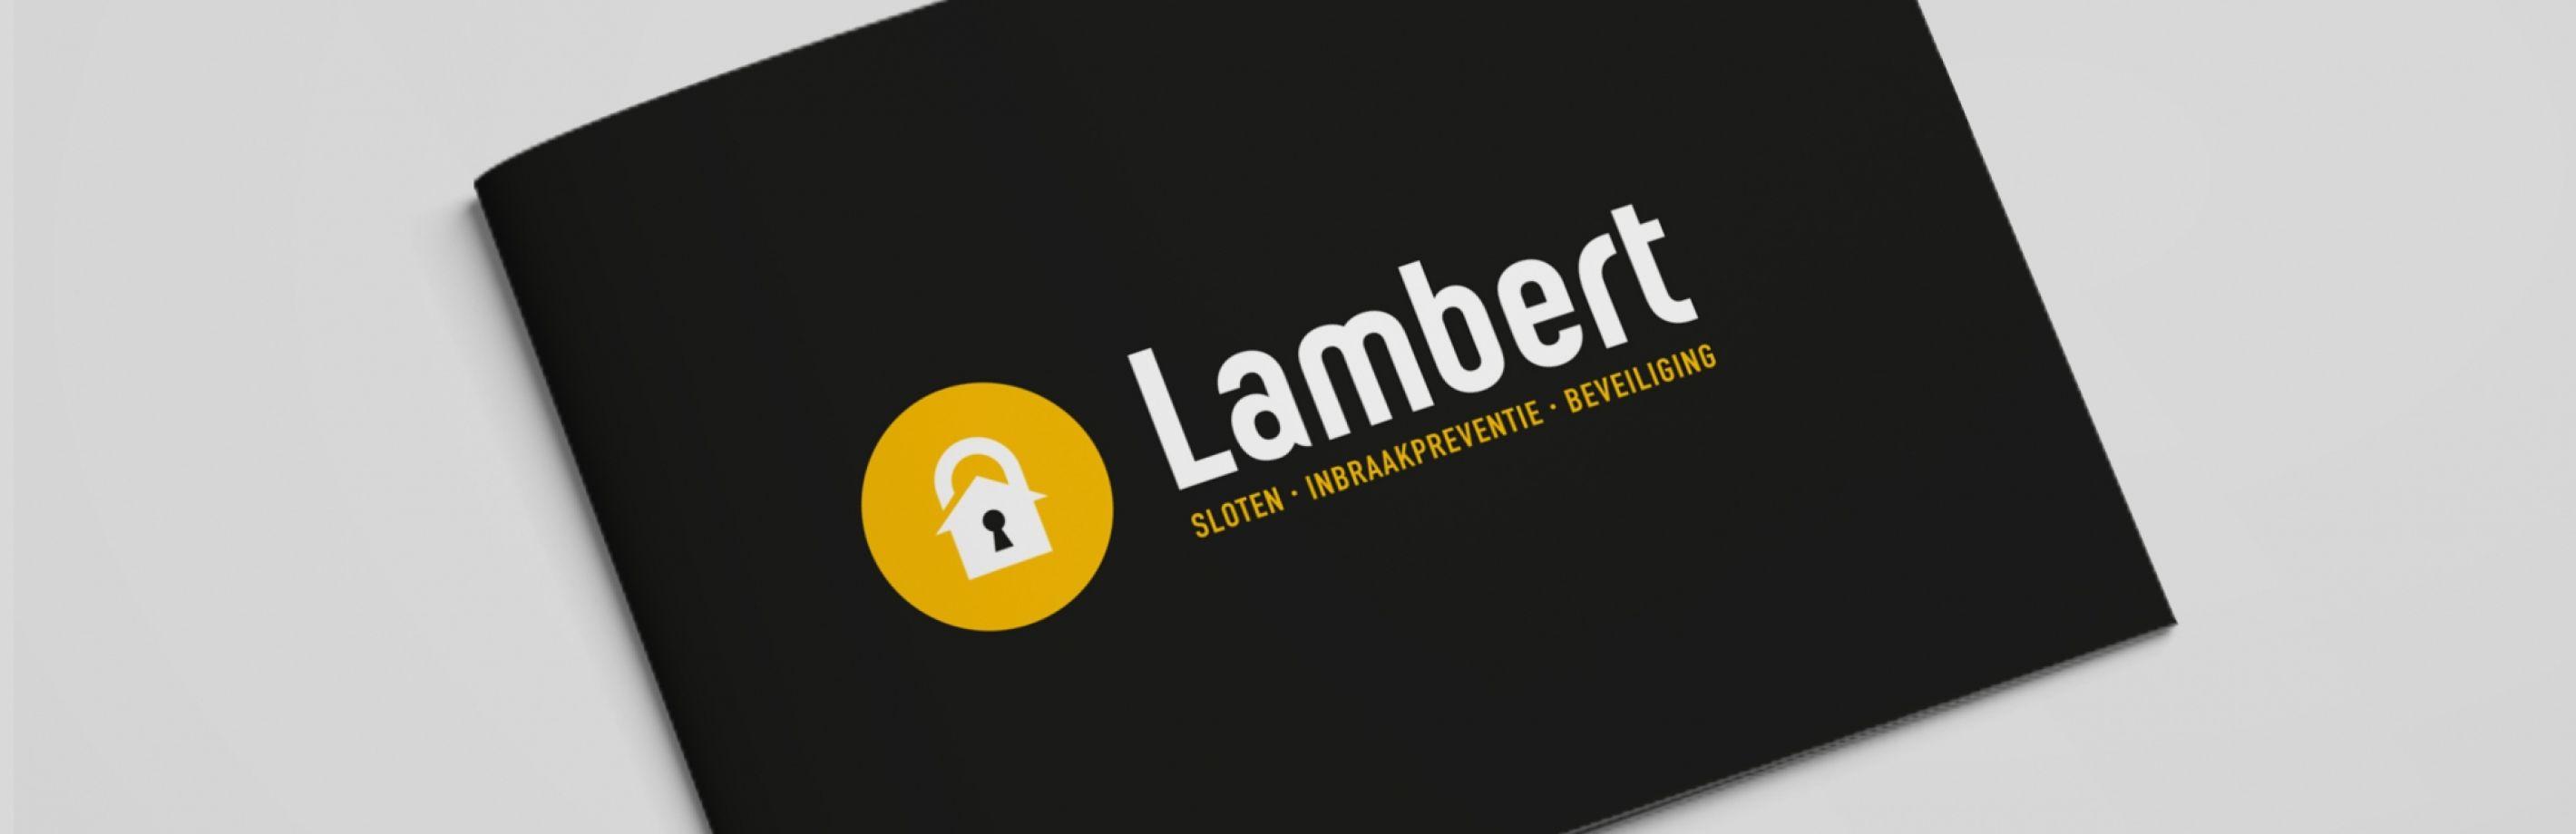 Logo sleutelservice Lambert